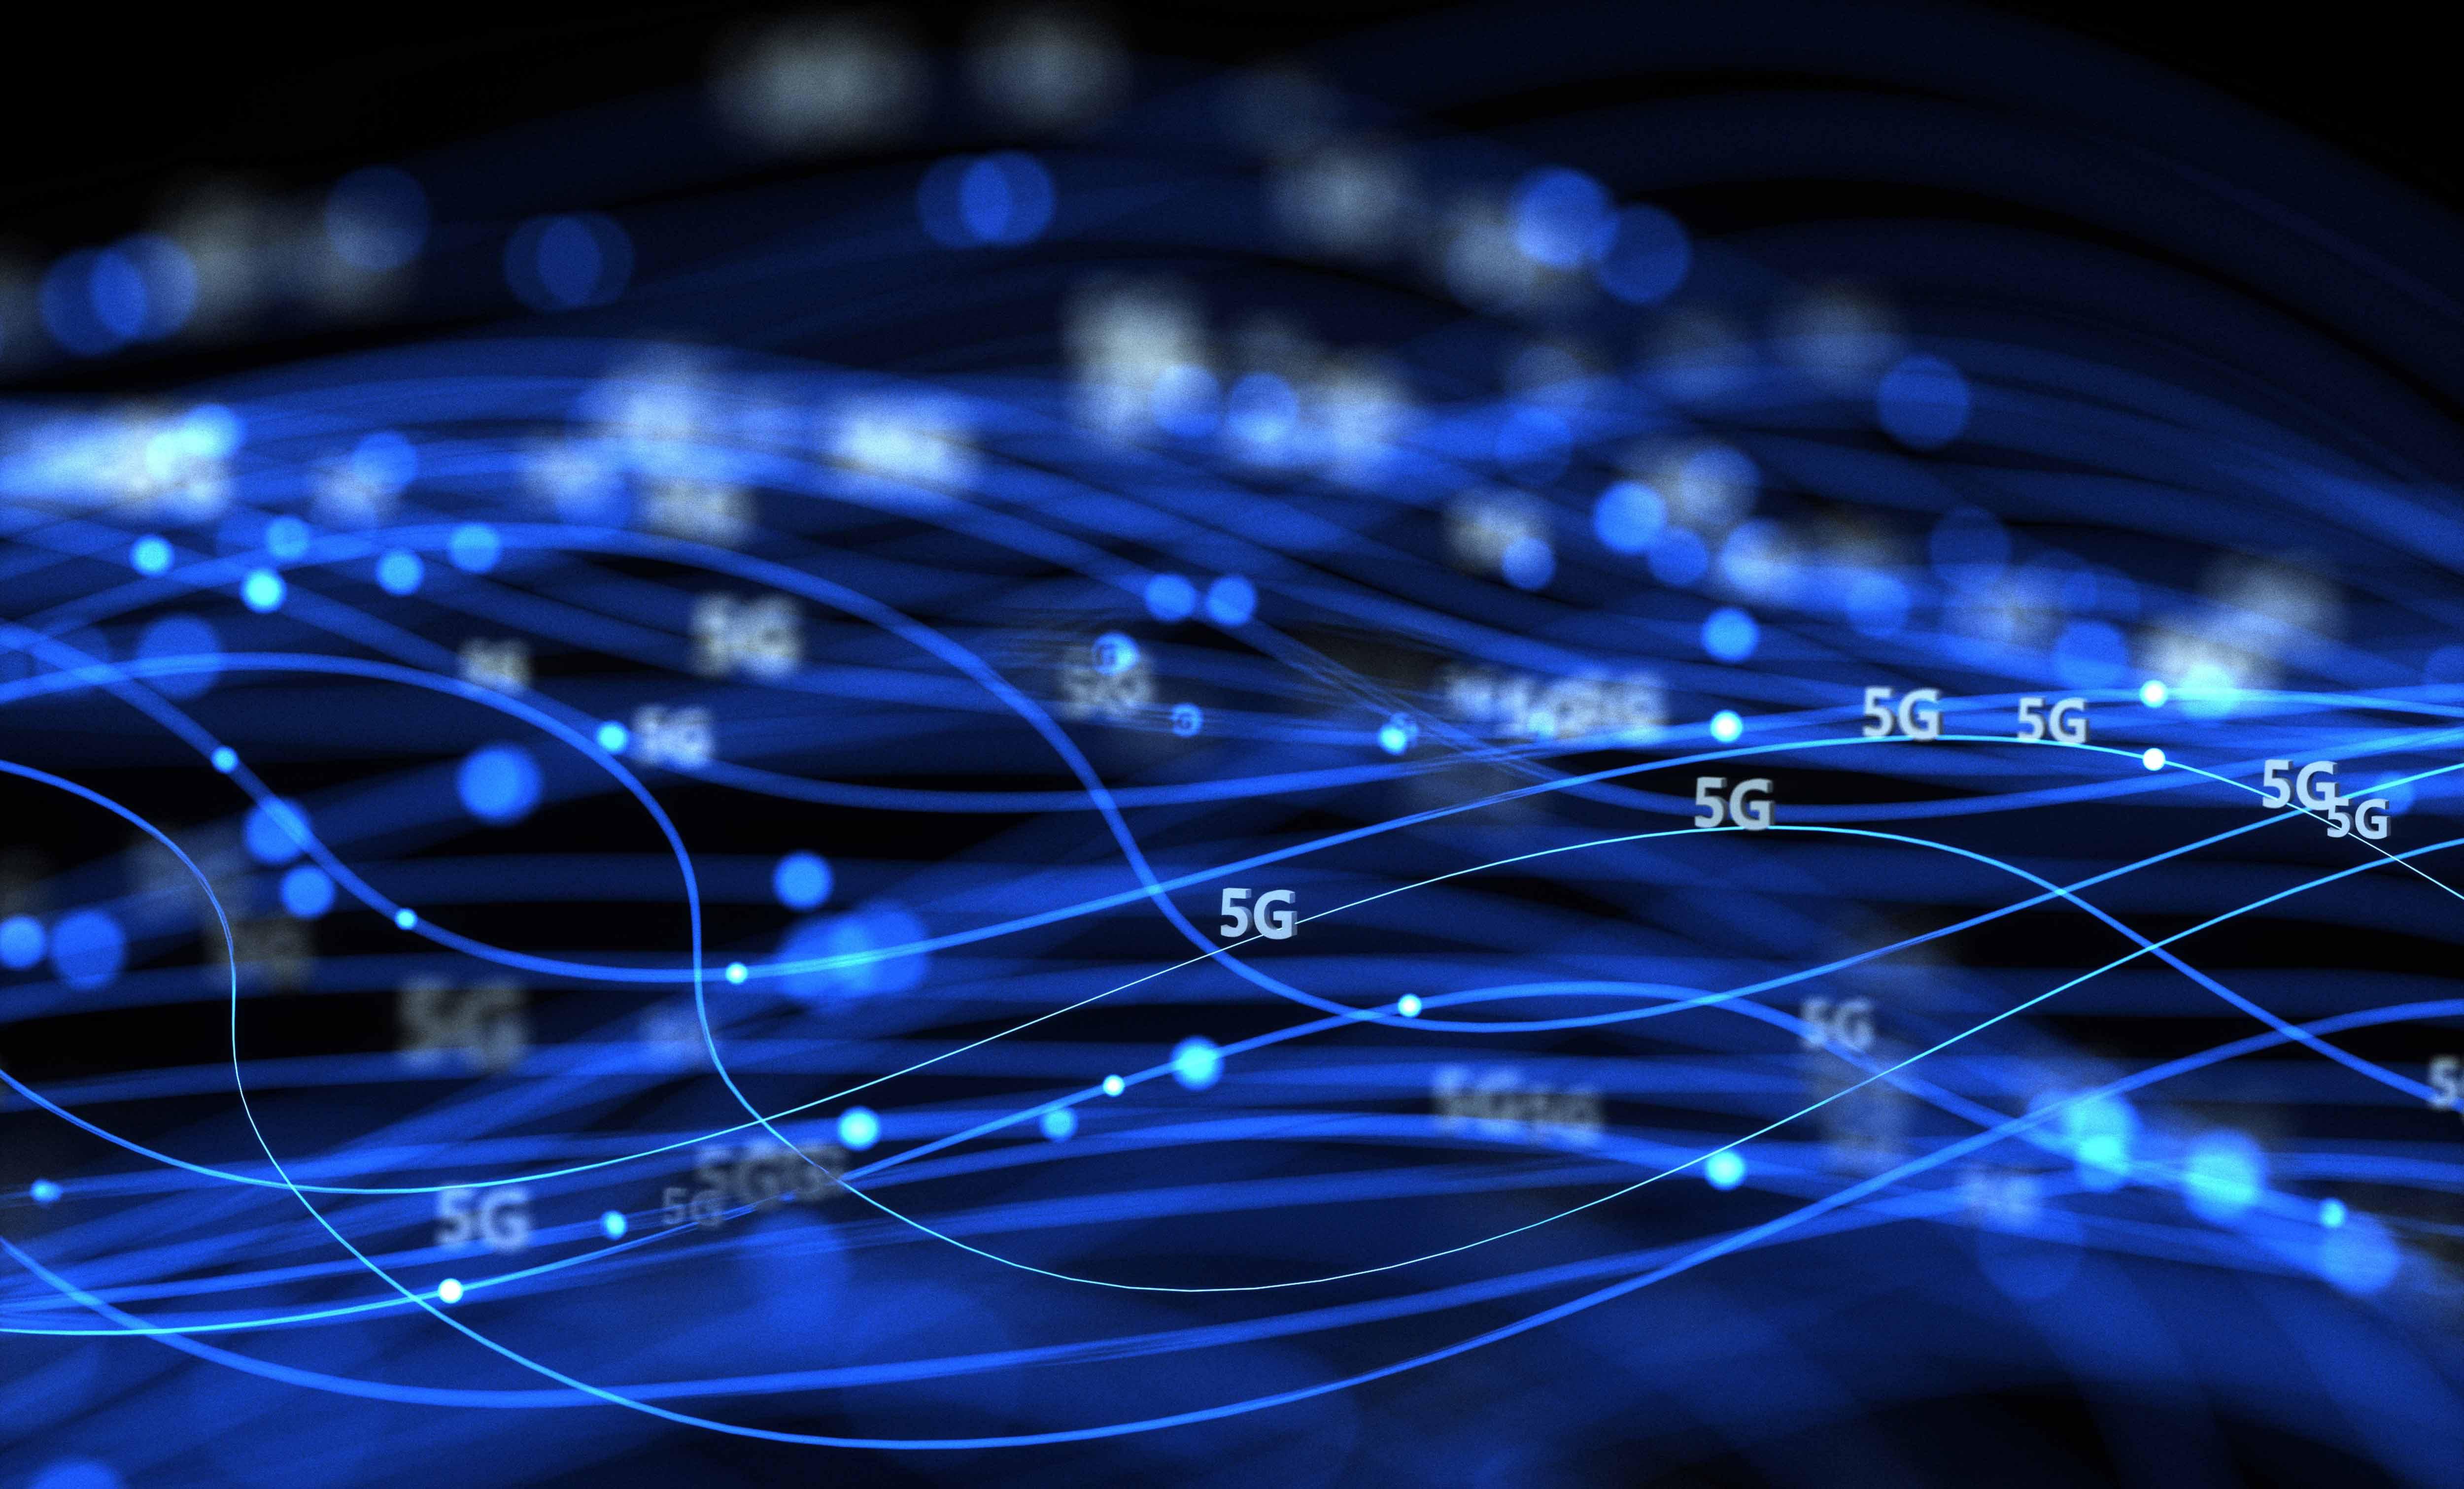 El nuevo camino hacia la era 5G